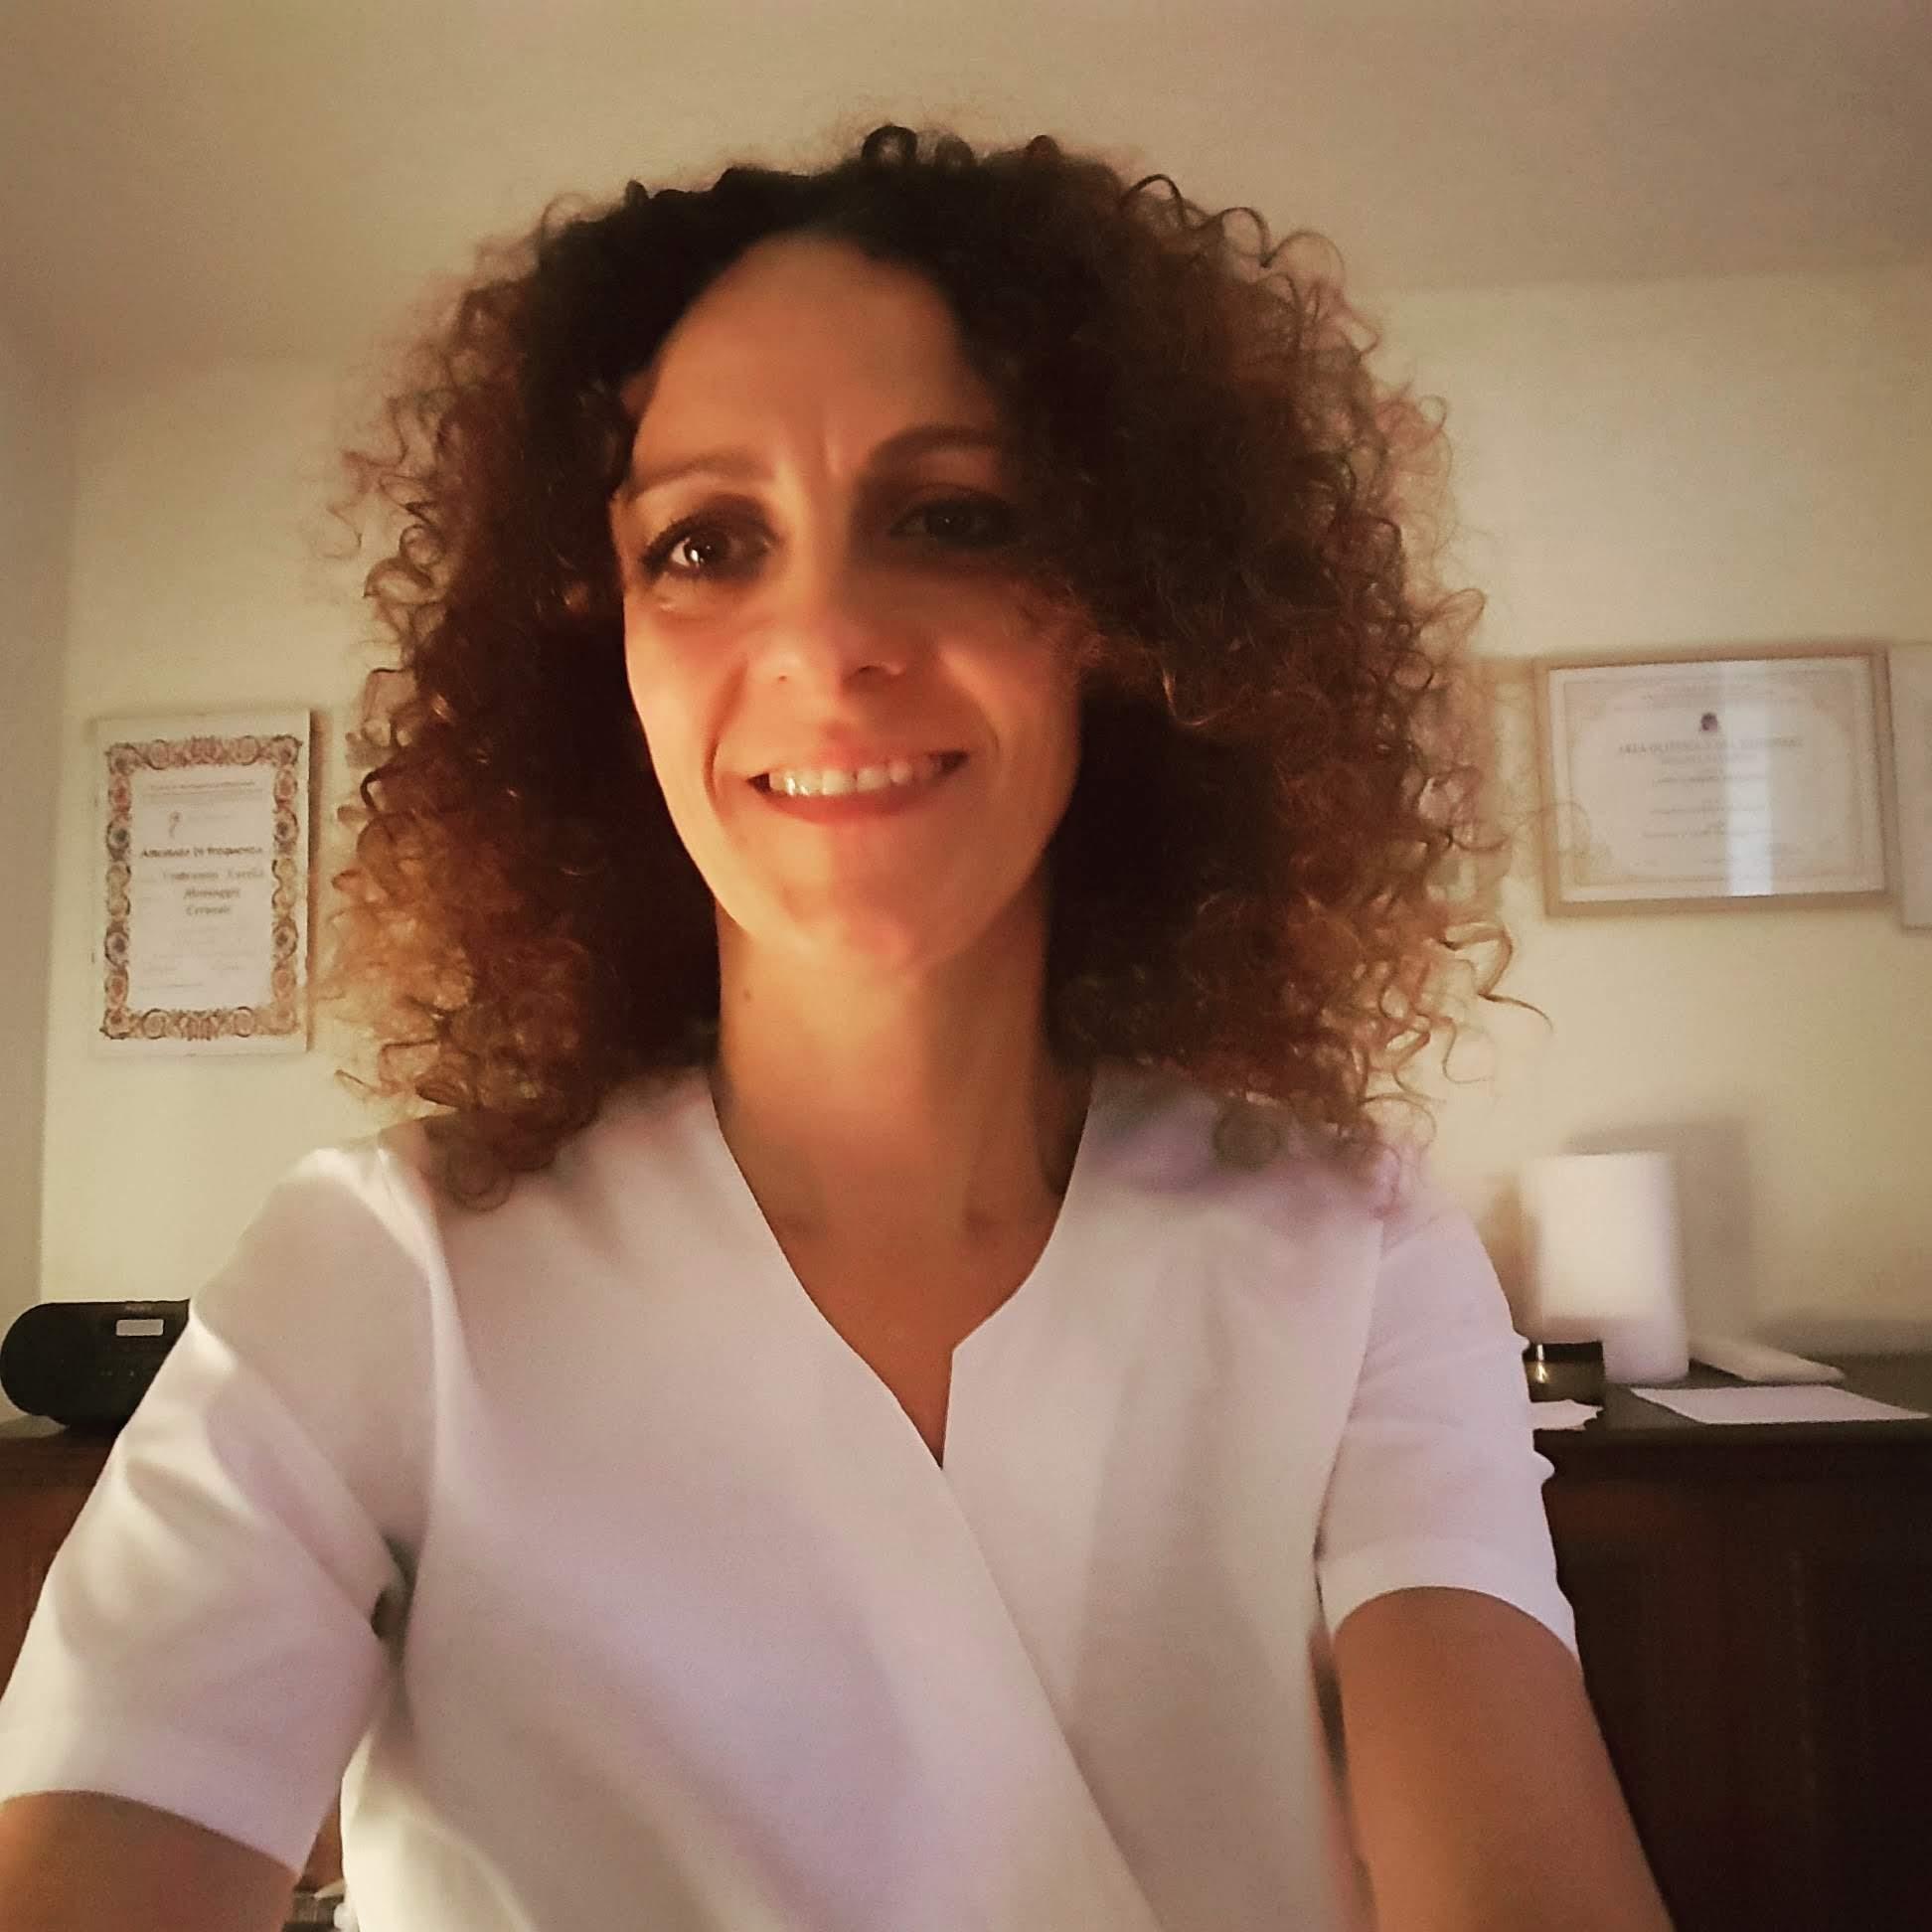 Lorella Elisabetta Vendramini